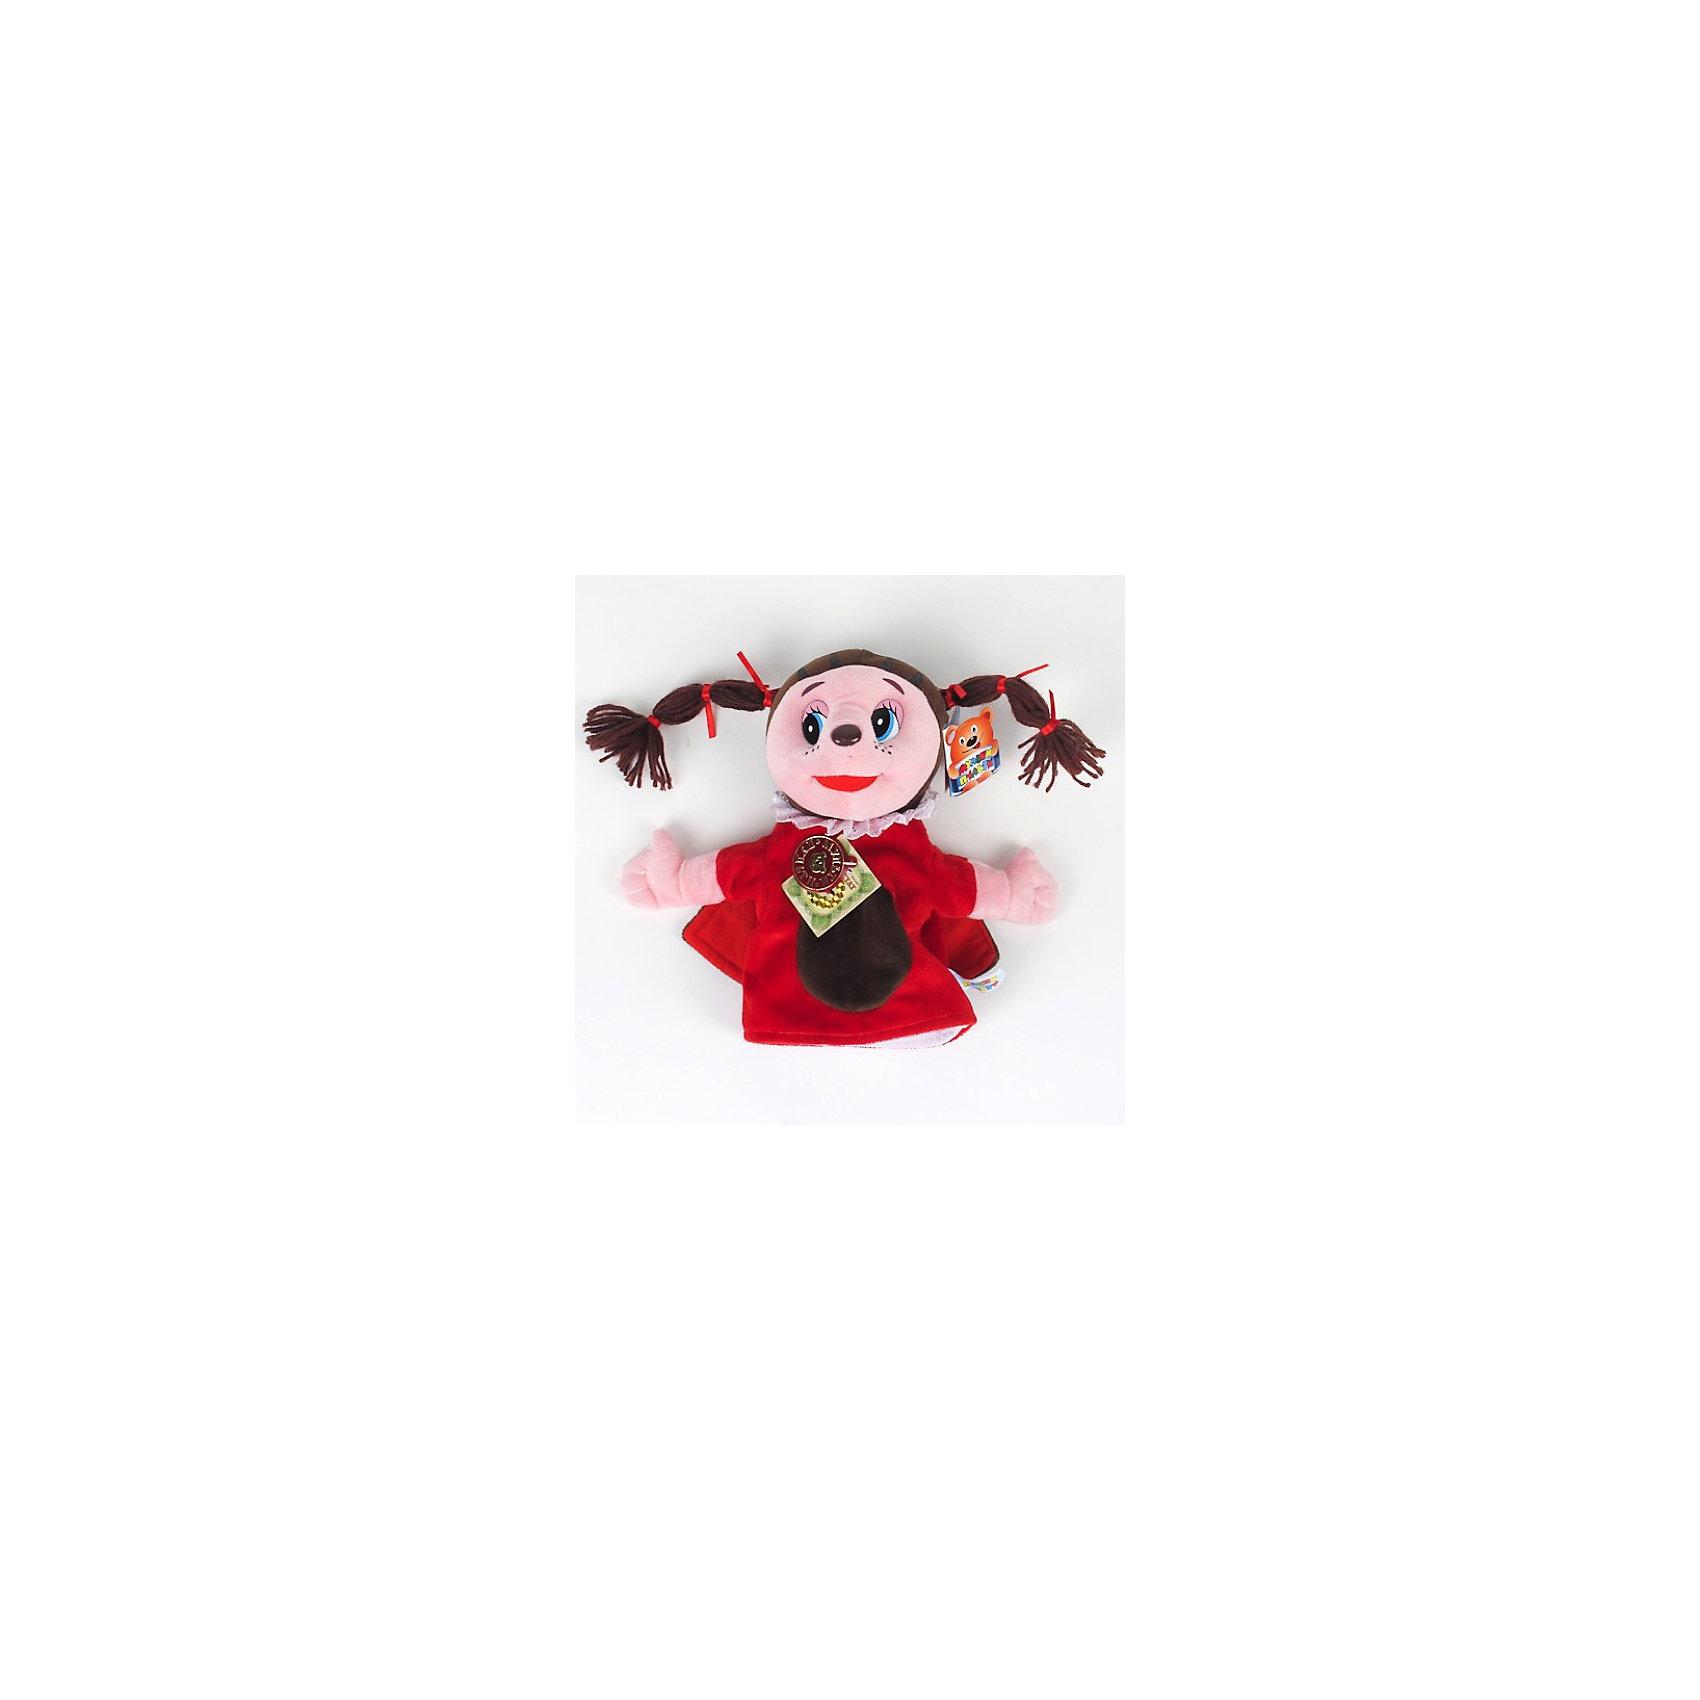 МУЛЬТИ-ПУЛЬТИ Кукла на руку Божья коровка Мила, 25 см, Лунтик, МУЛЬТИ-ПУЛЬТИ мульти пульти мягкая игрушка принцесса луна 18 см со звуком my little pony мульти пульти